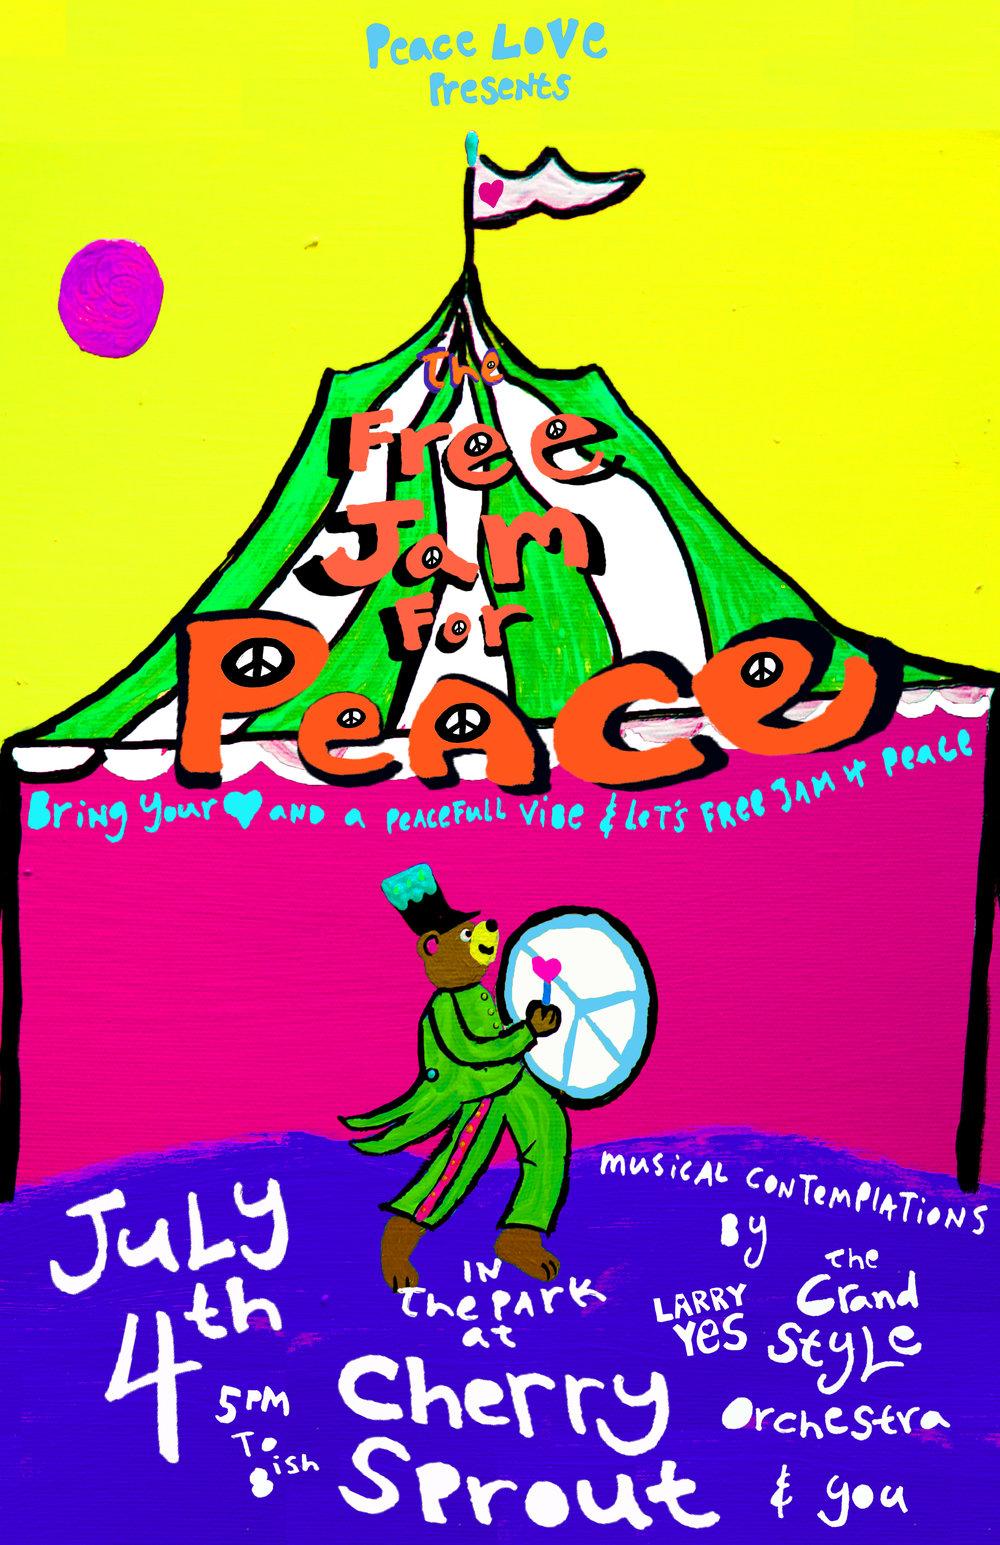 free jam 4 peace.jpg